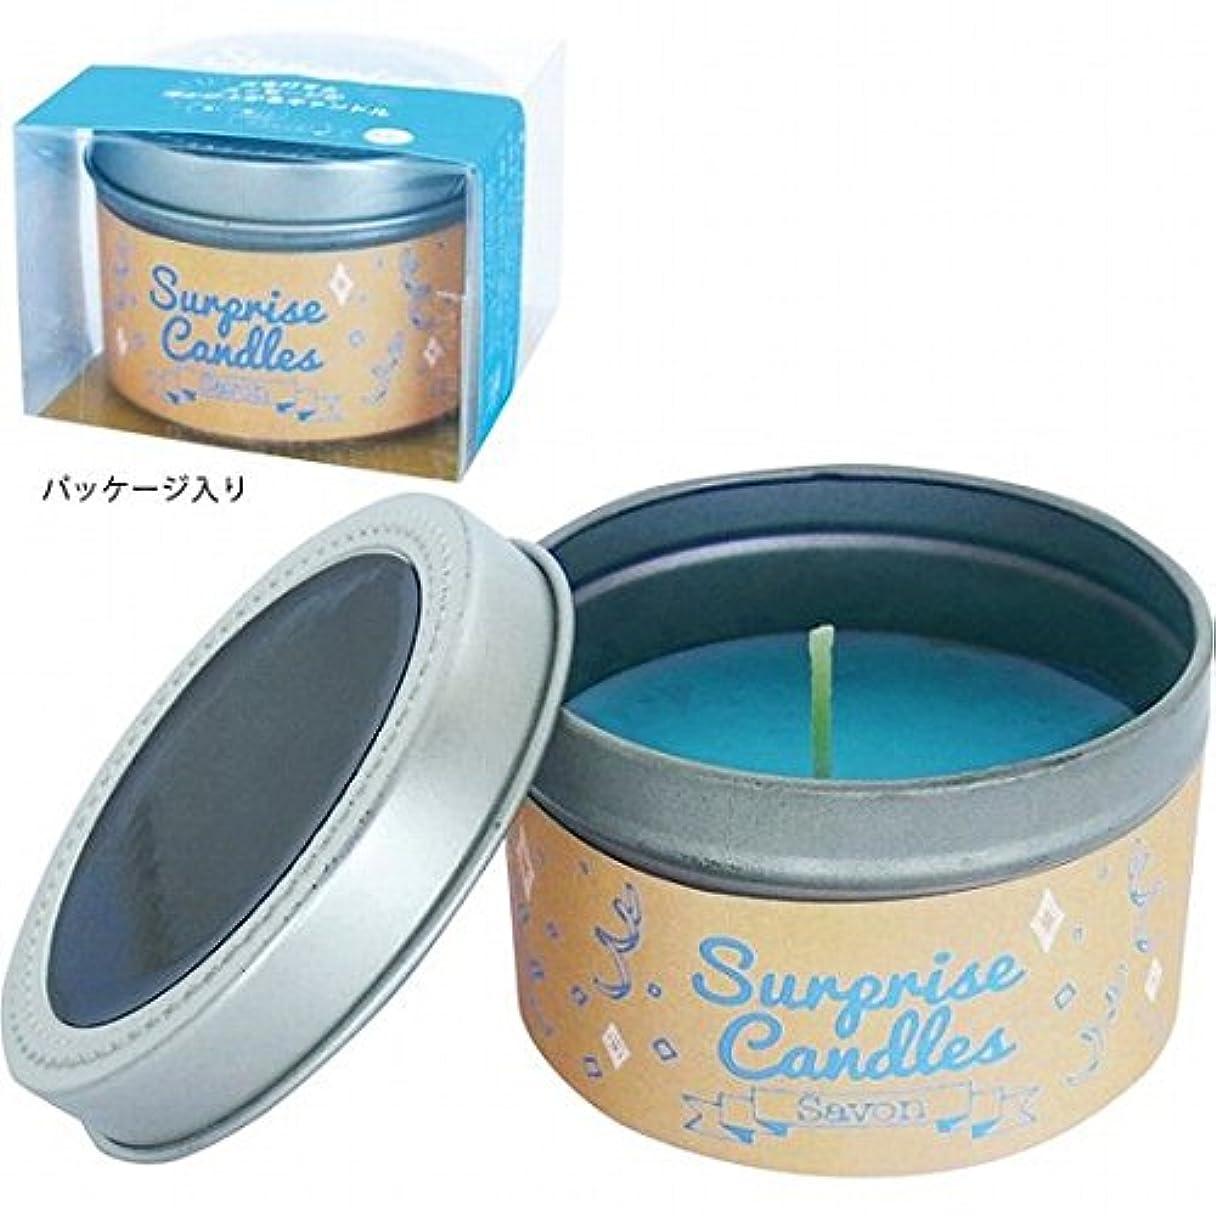 企業ゴム簡単にkameyama candle(カメヤマキャンドル) サプライズキャンドル 「サボン」(A207005030)